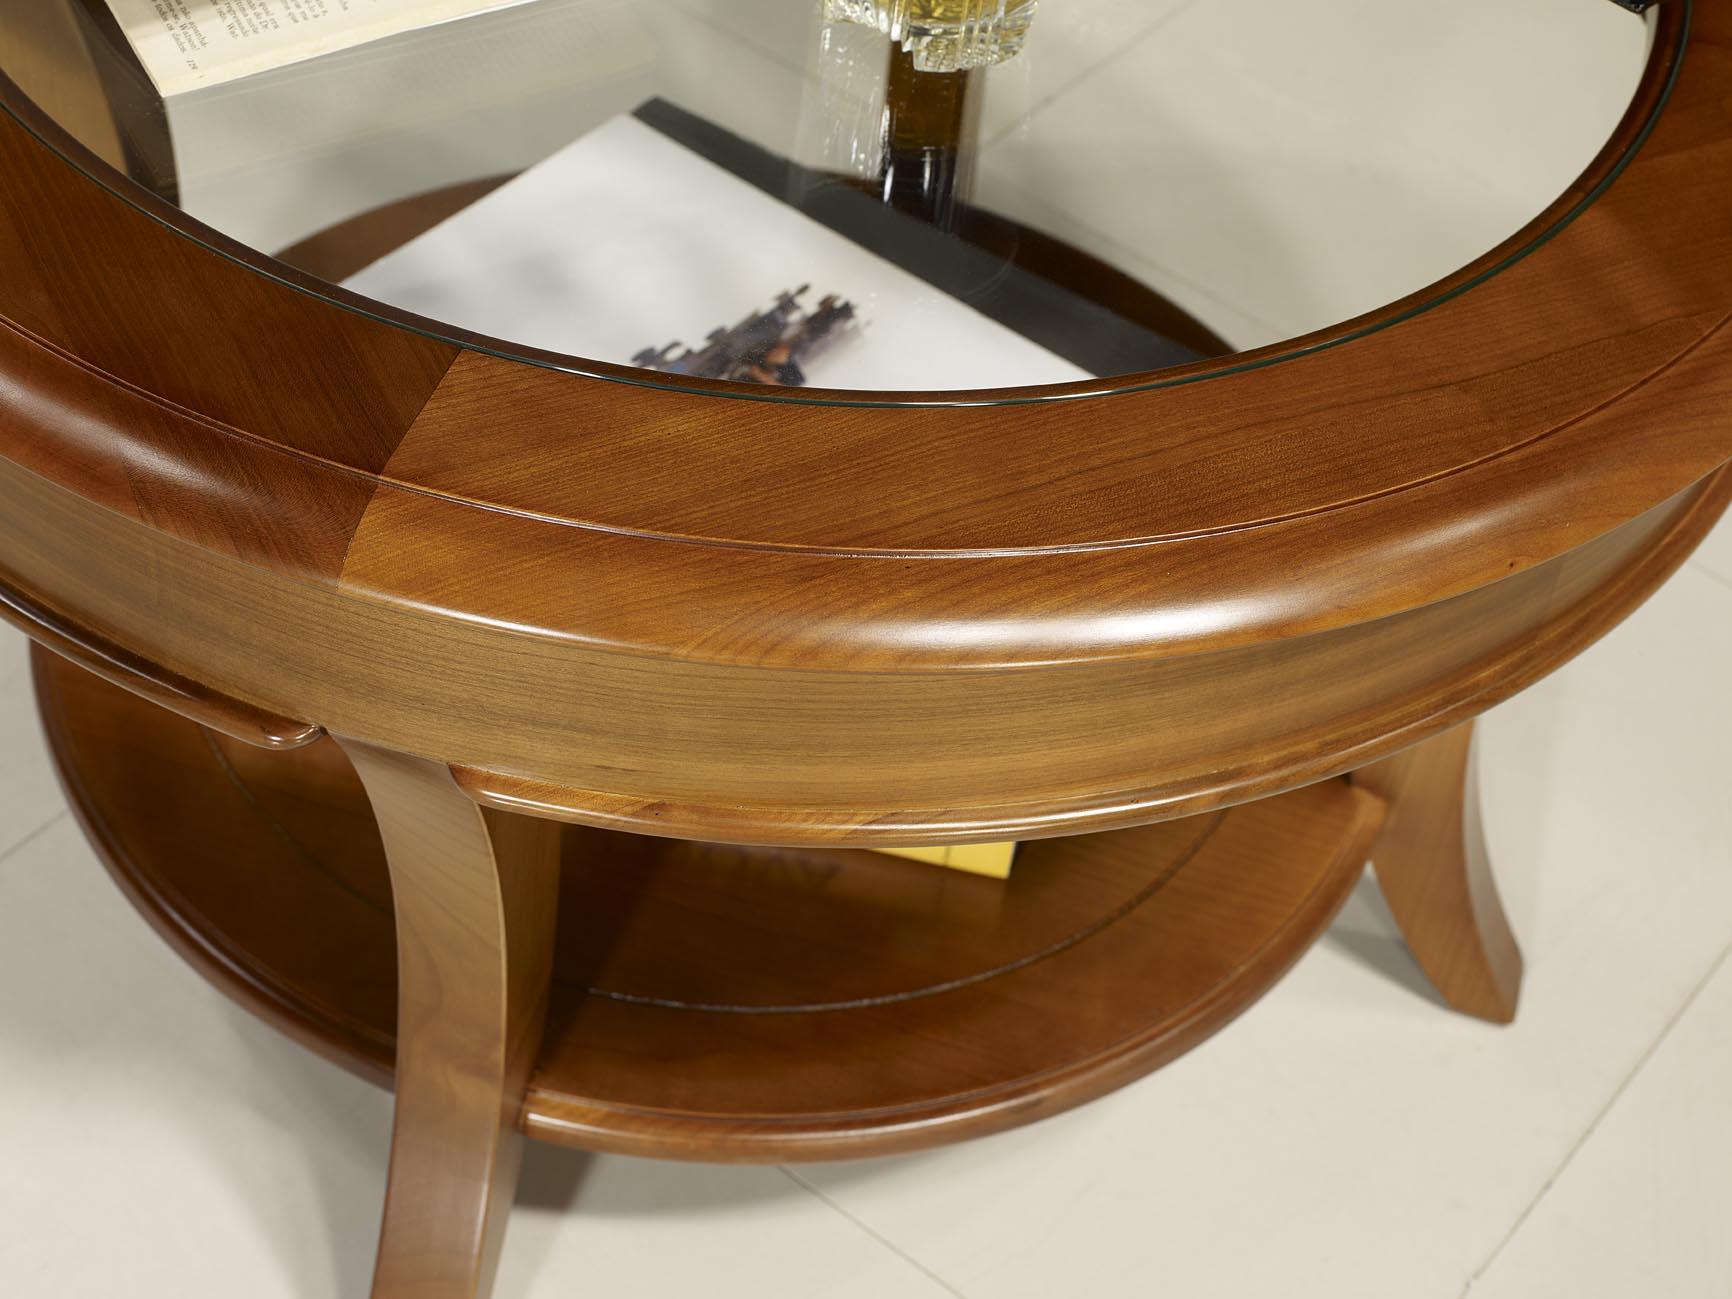 Table basse ronde melodie en merisier massif de style louis philippe plateau verre diam tre 80 - Table de salon ronde en verre ...